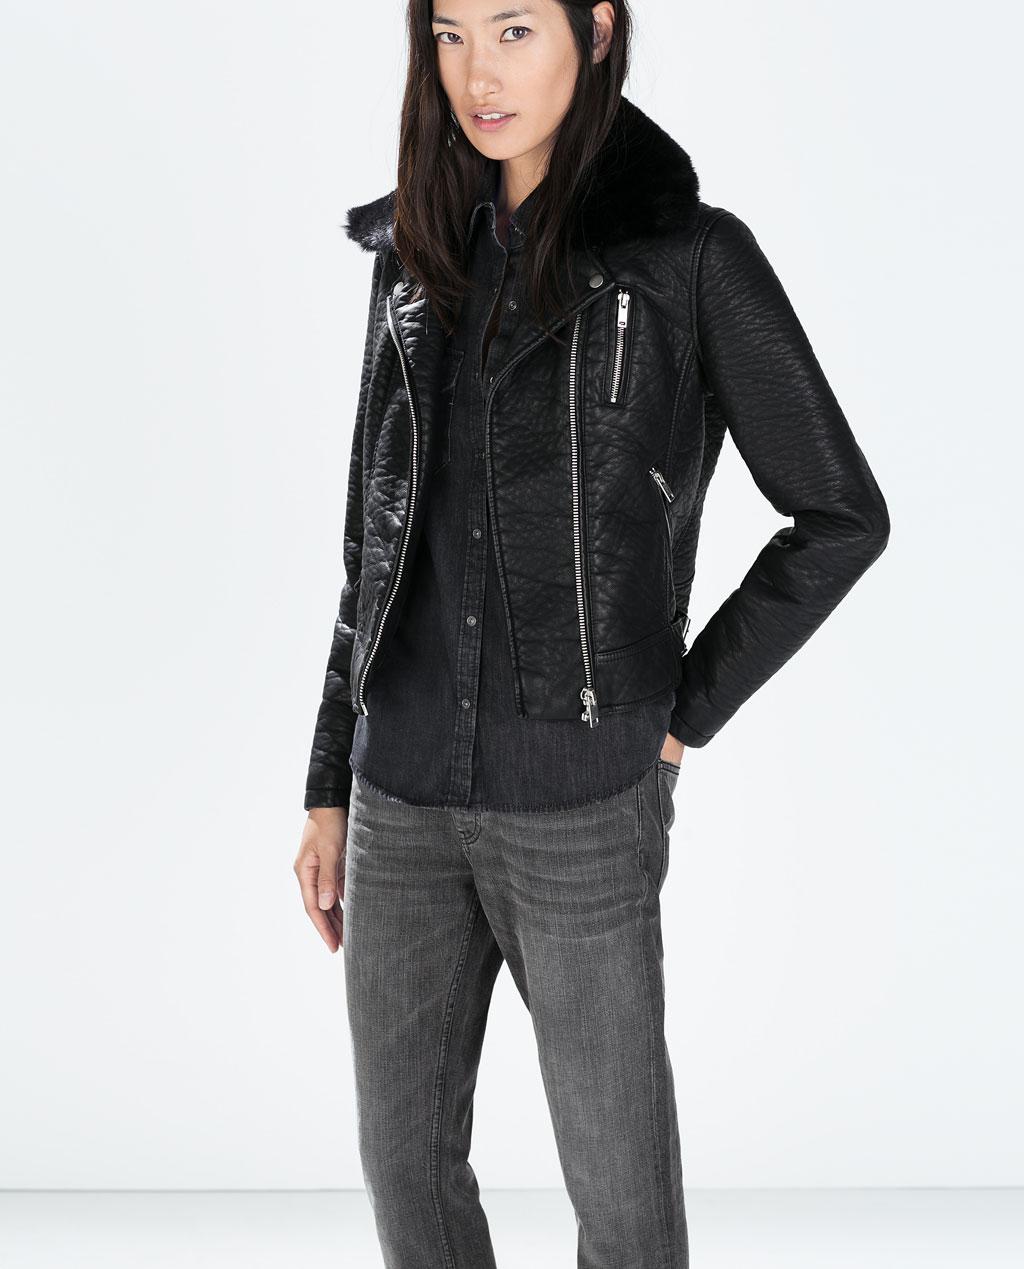 Furry Jackets  Fashion